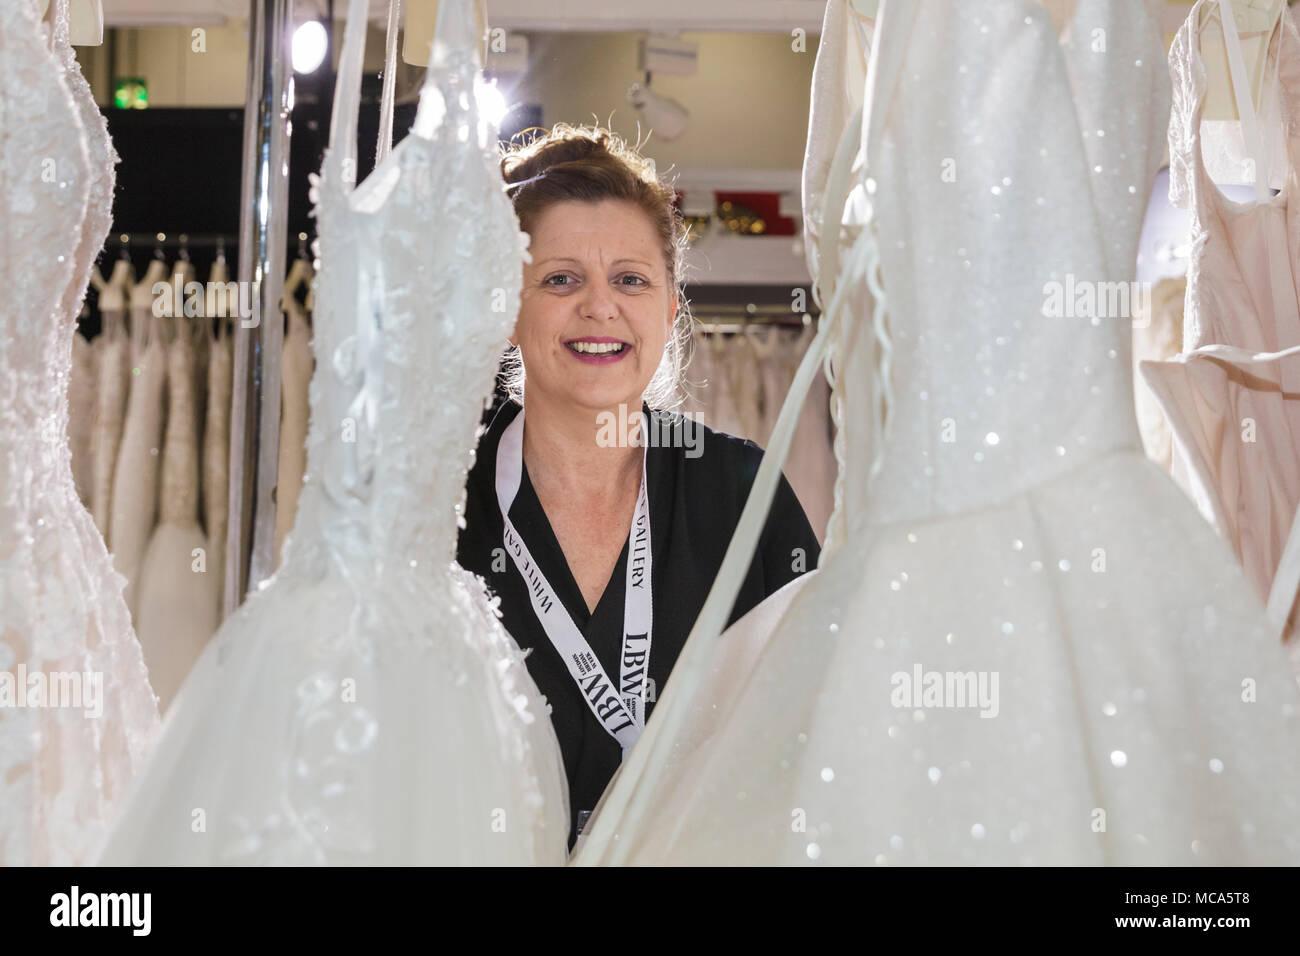 Großartig Ungewöhnliche Kleider Für Hochzeitsgäste Zeitgenössisch ...